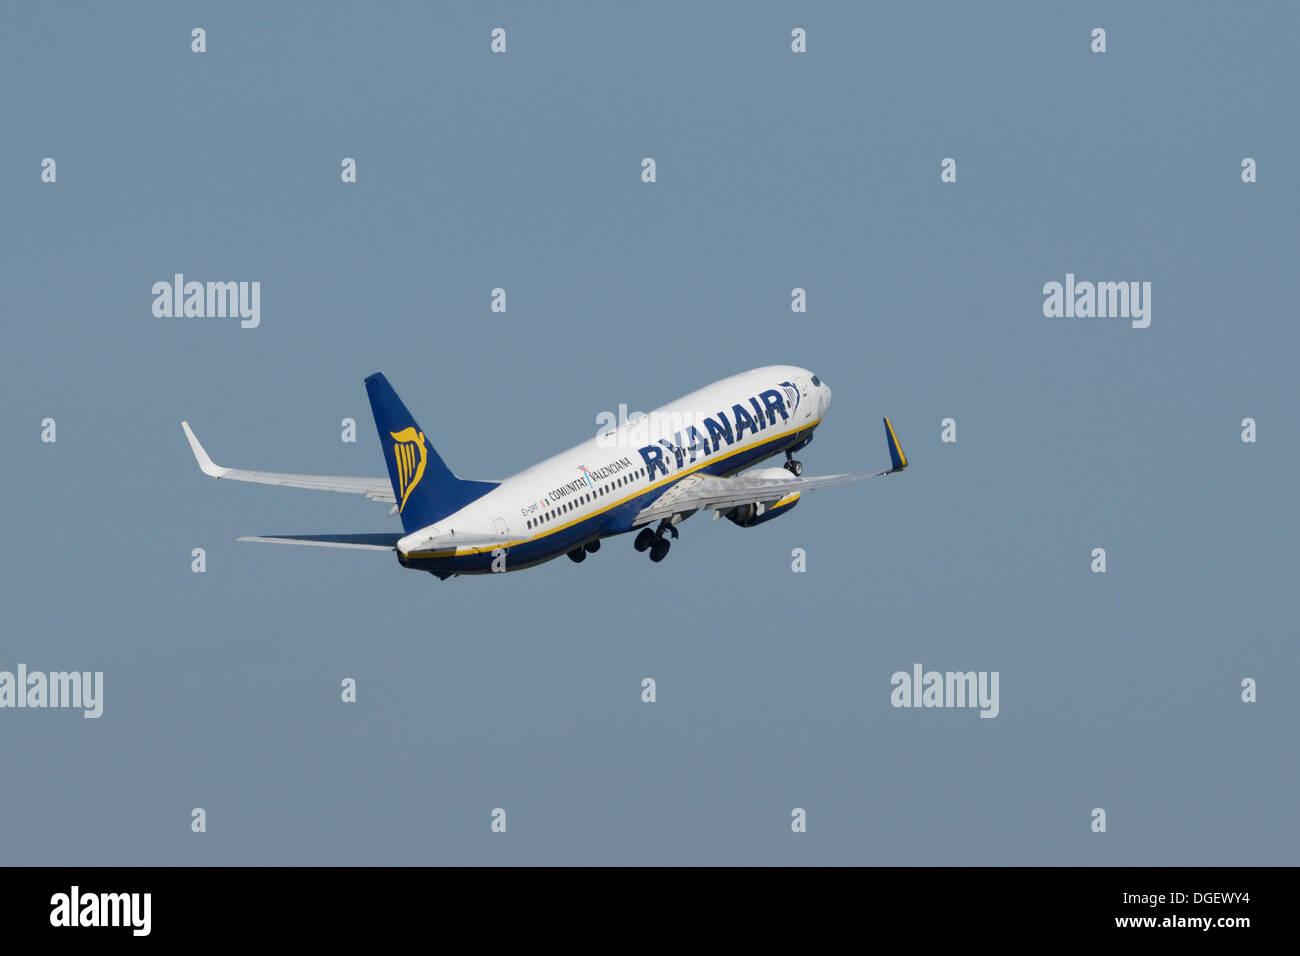 Ryan Air Stock Photos & Ryan Air Stock Images - Alamy